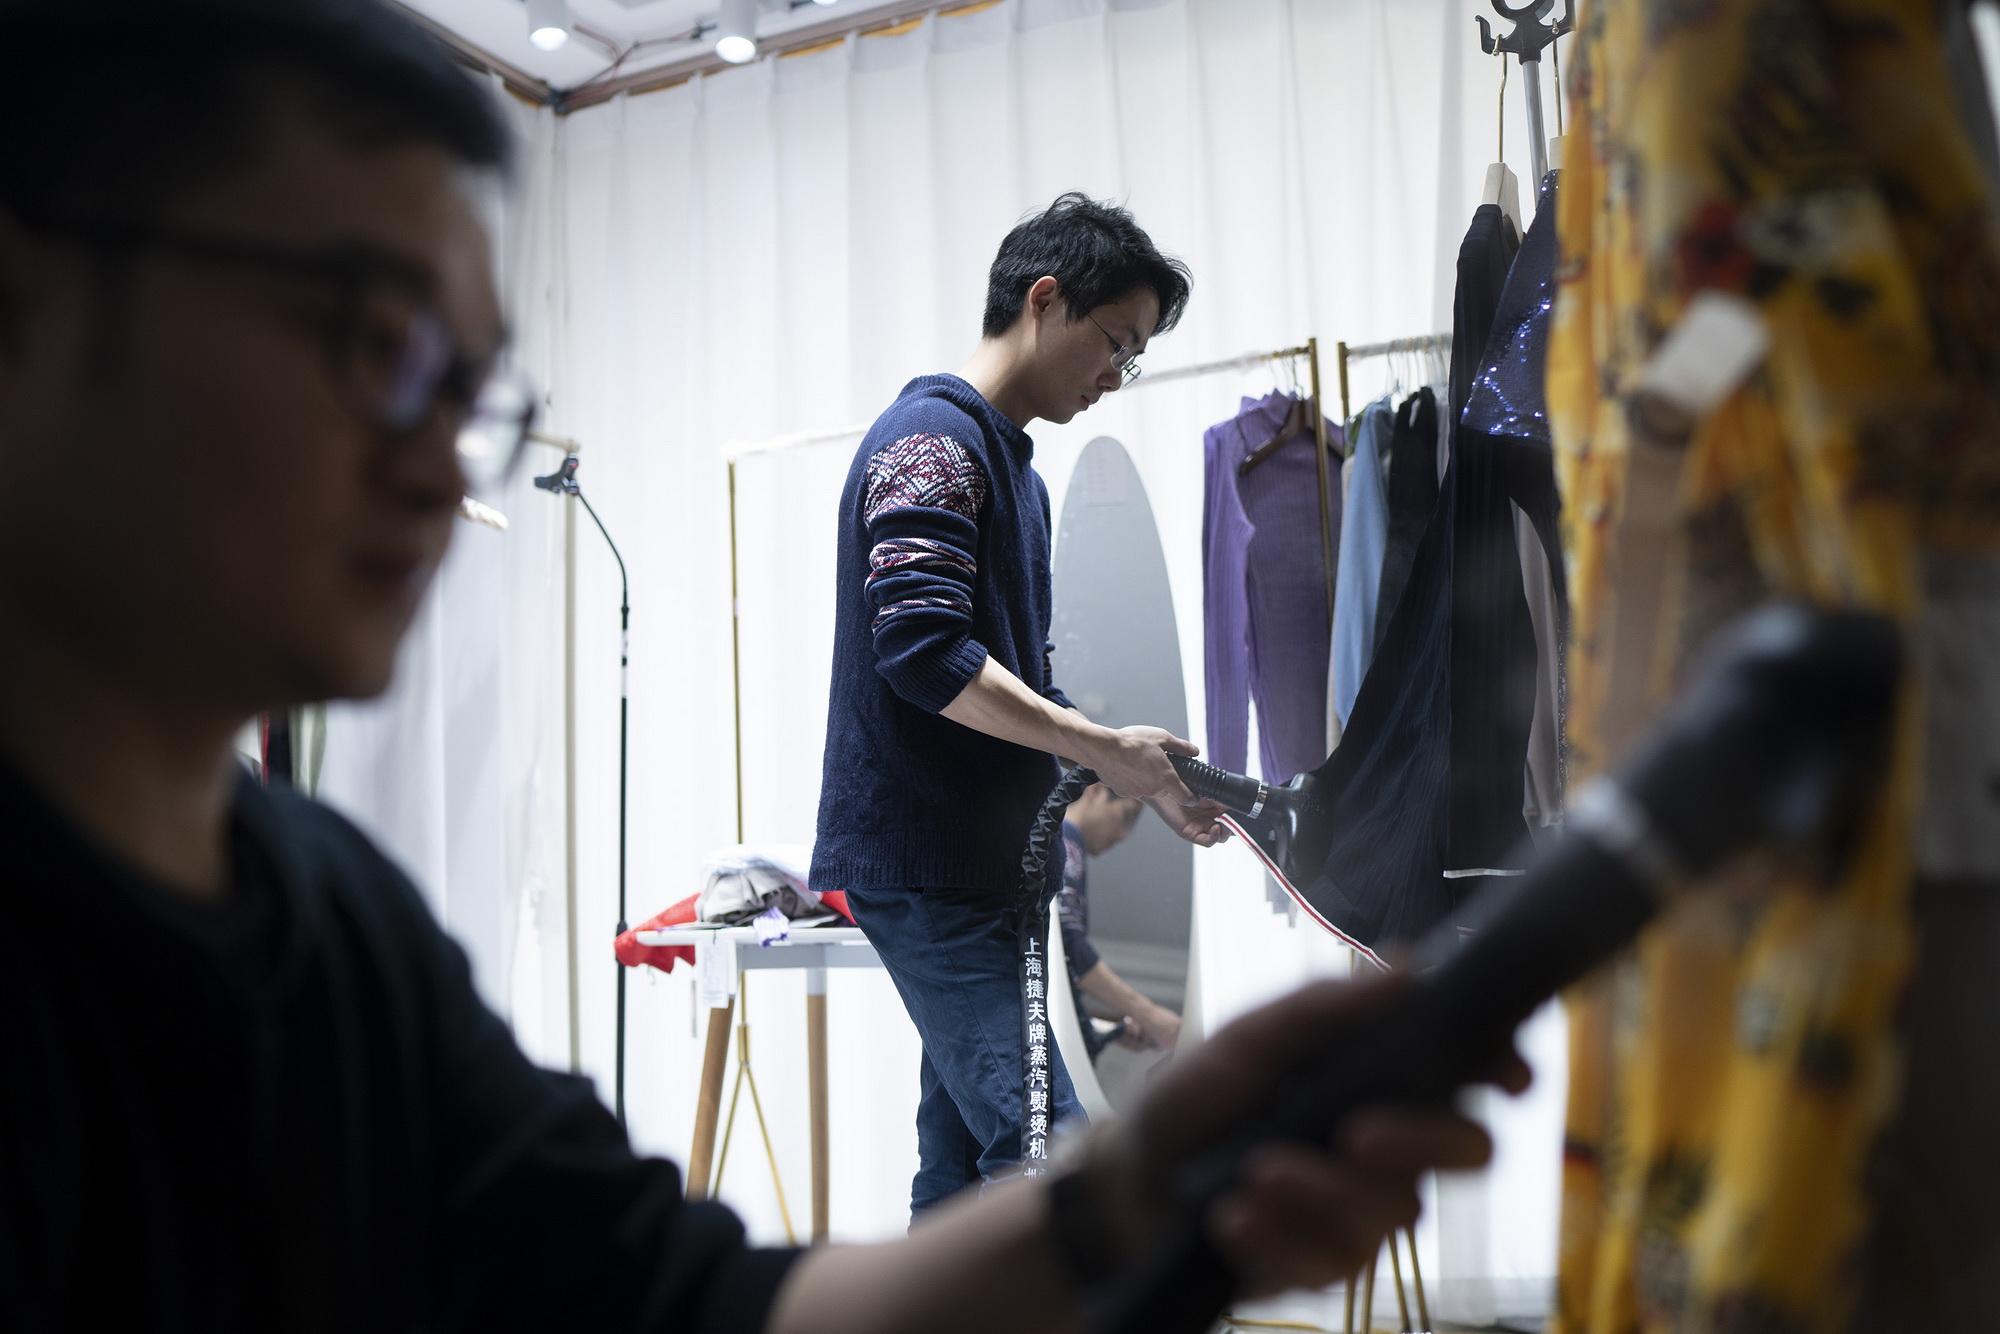 2020年2月20日,王体能和同事在清理直播必要用到的衣物。